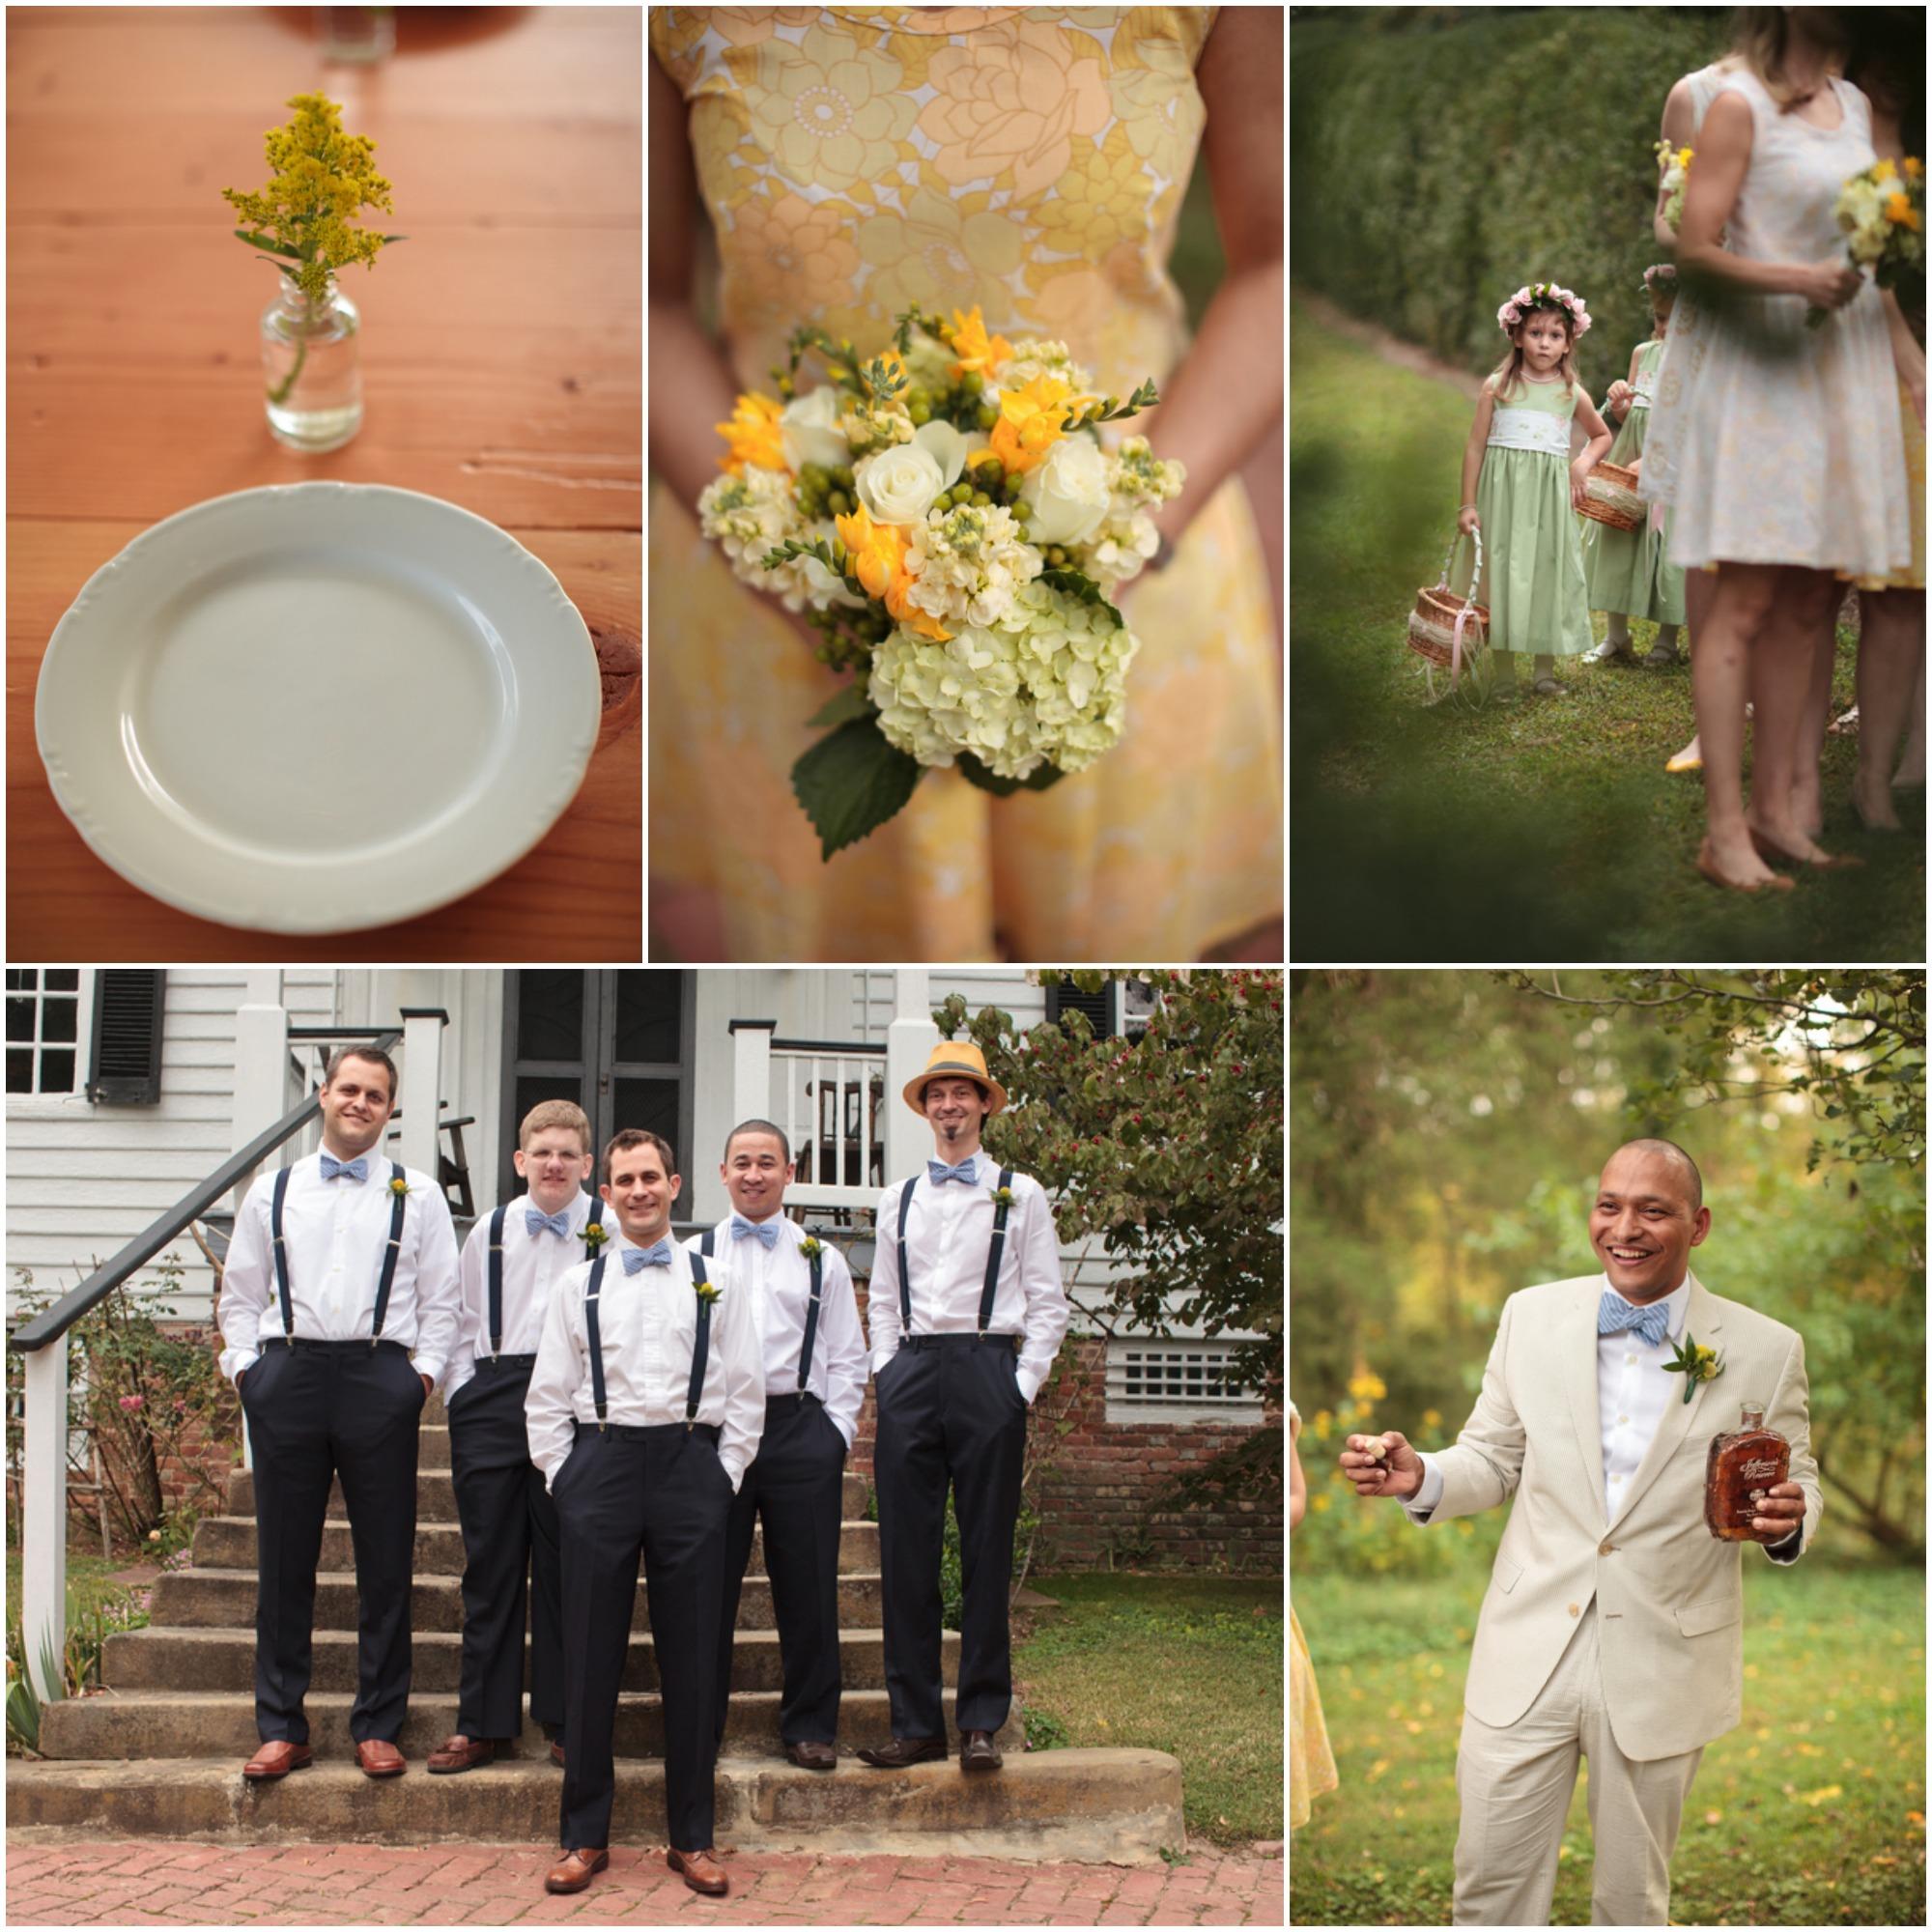 Virginia Farm Wedding At Tuckahoe Plantation  Rustic